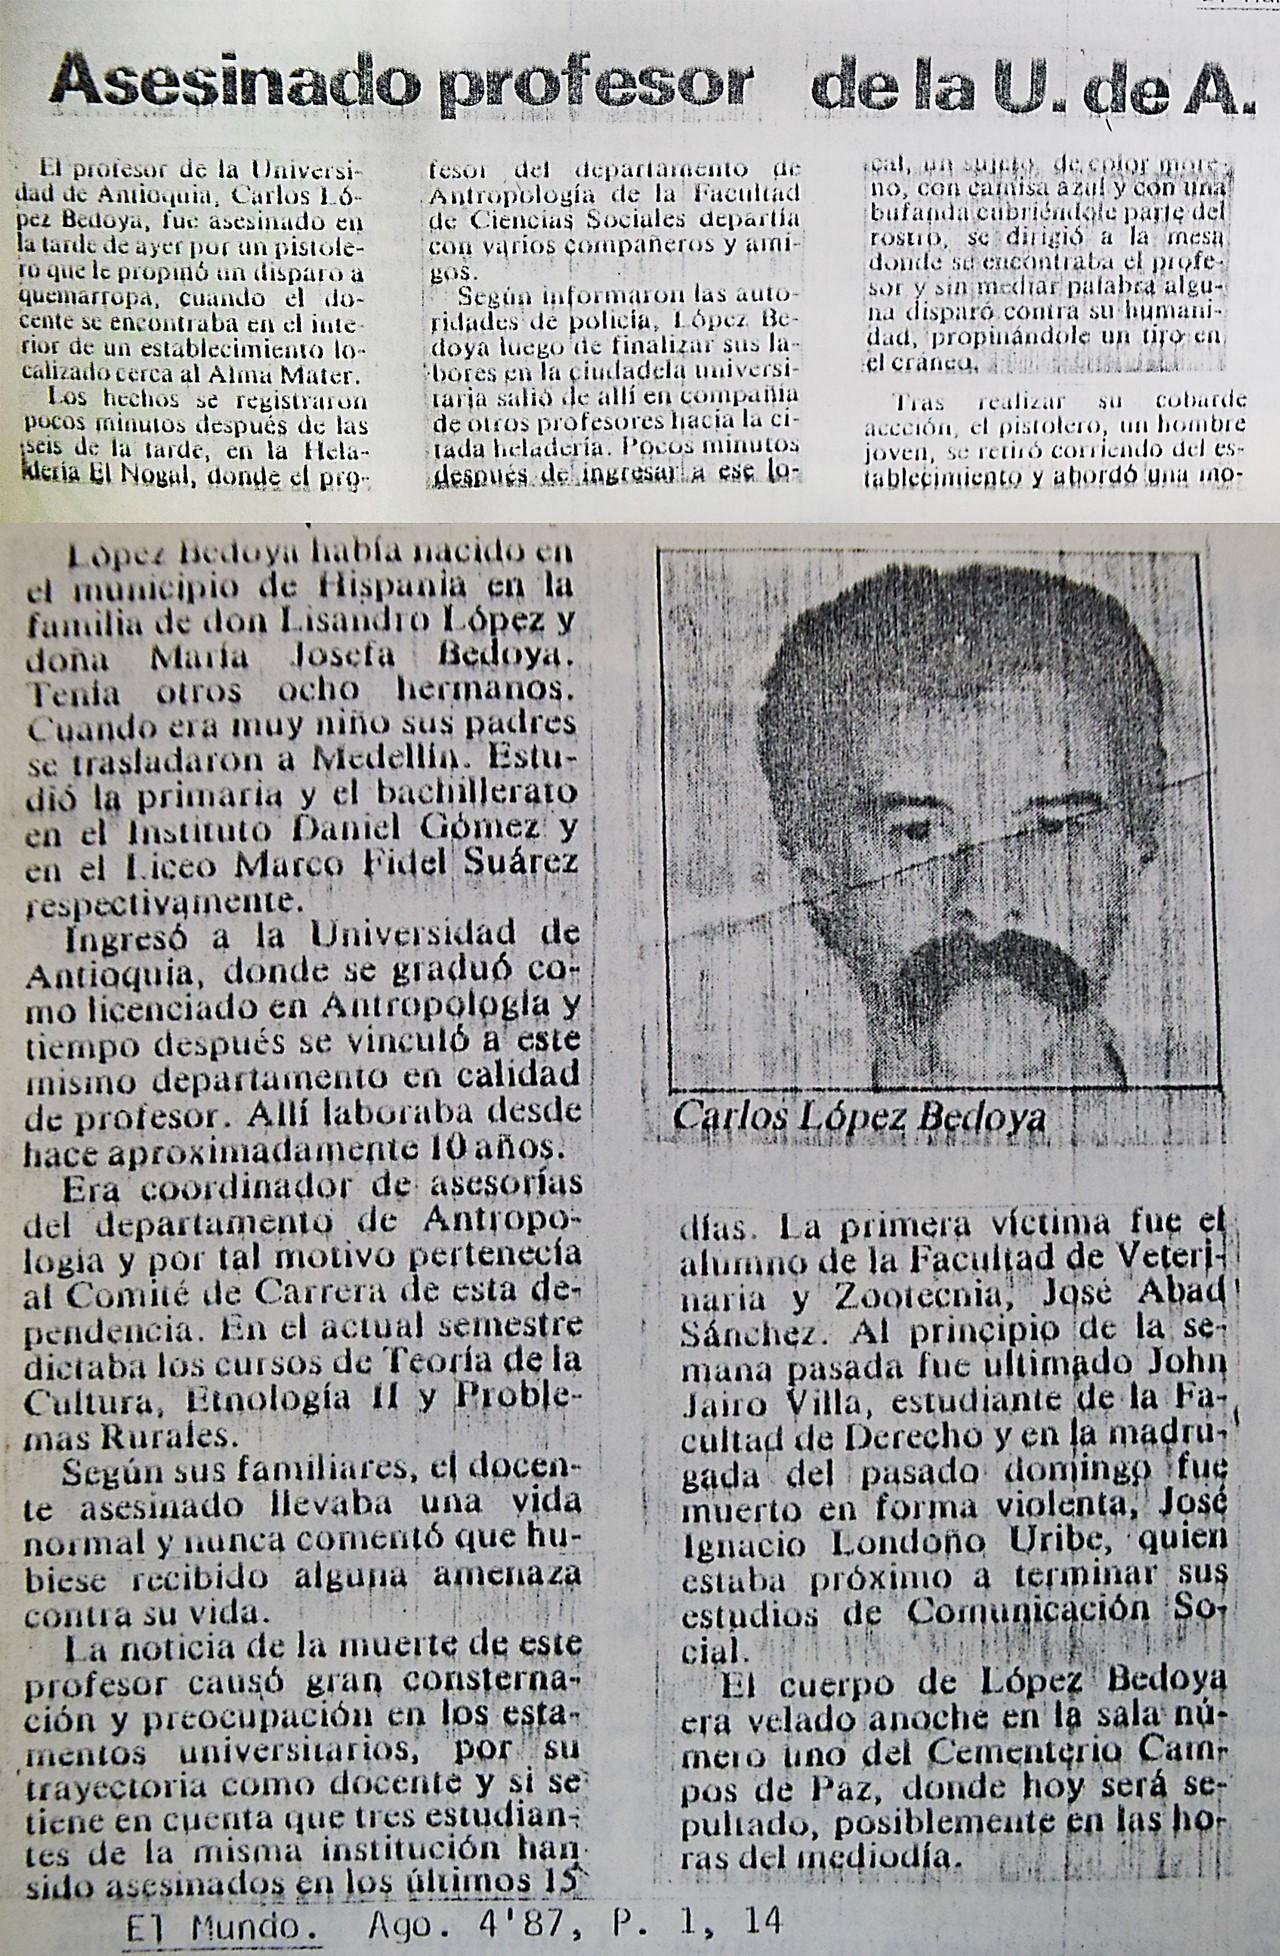 Imágenes vía El Colombiano y Archivo de Prensa de la Secretaría General de la Universidad de Antioquia